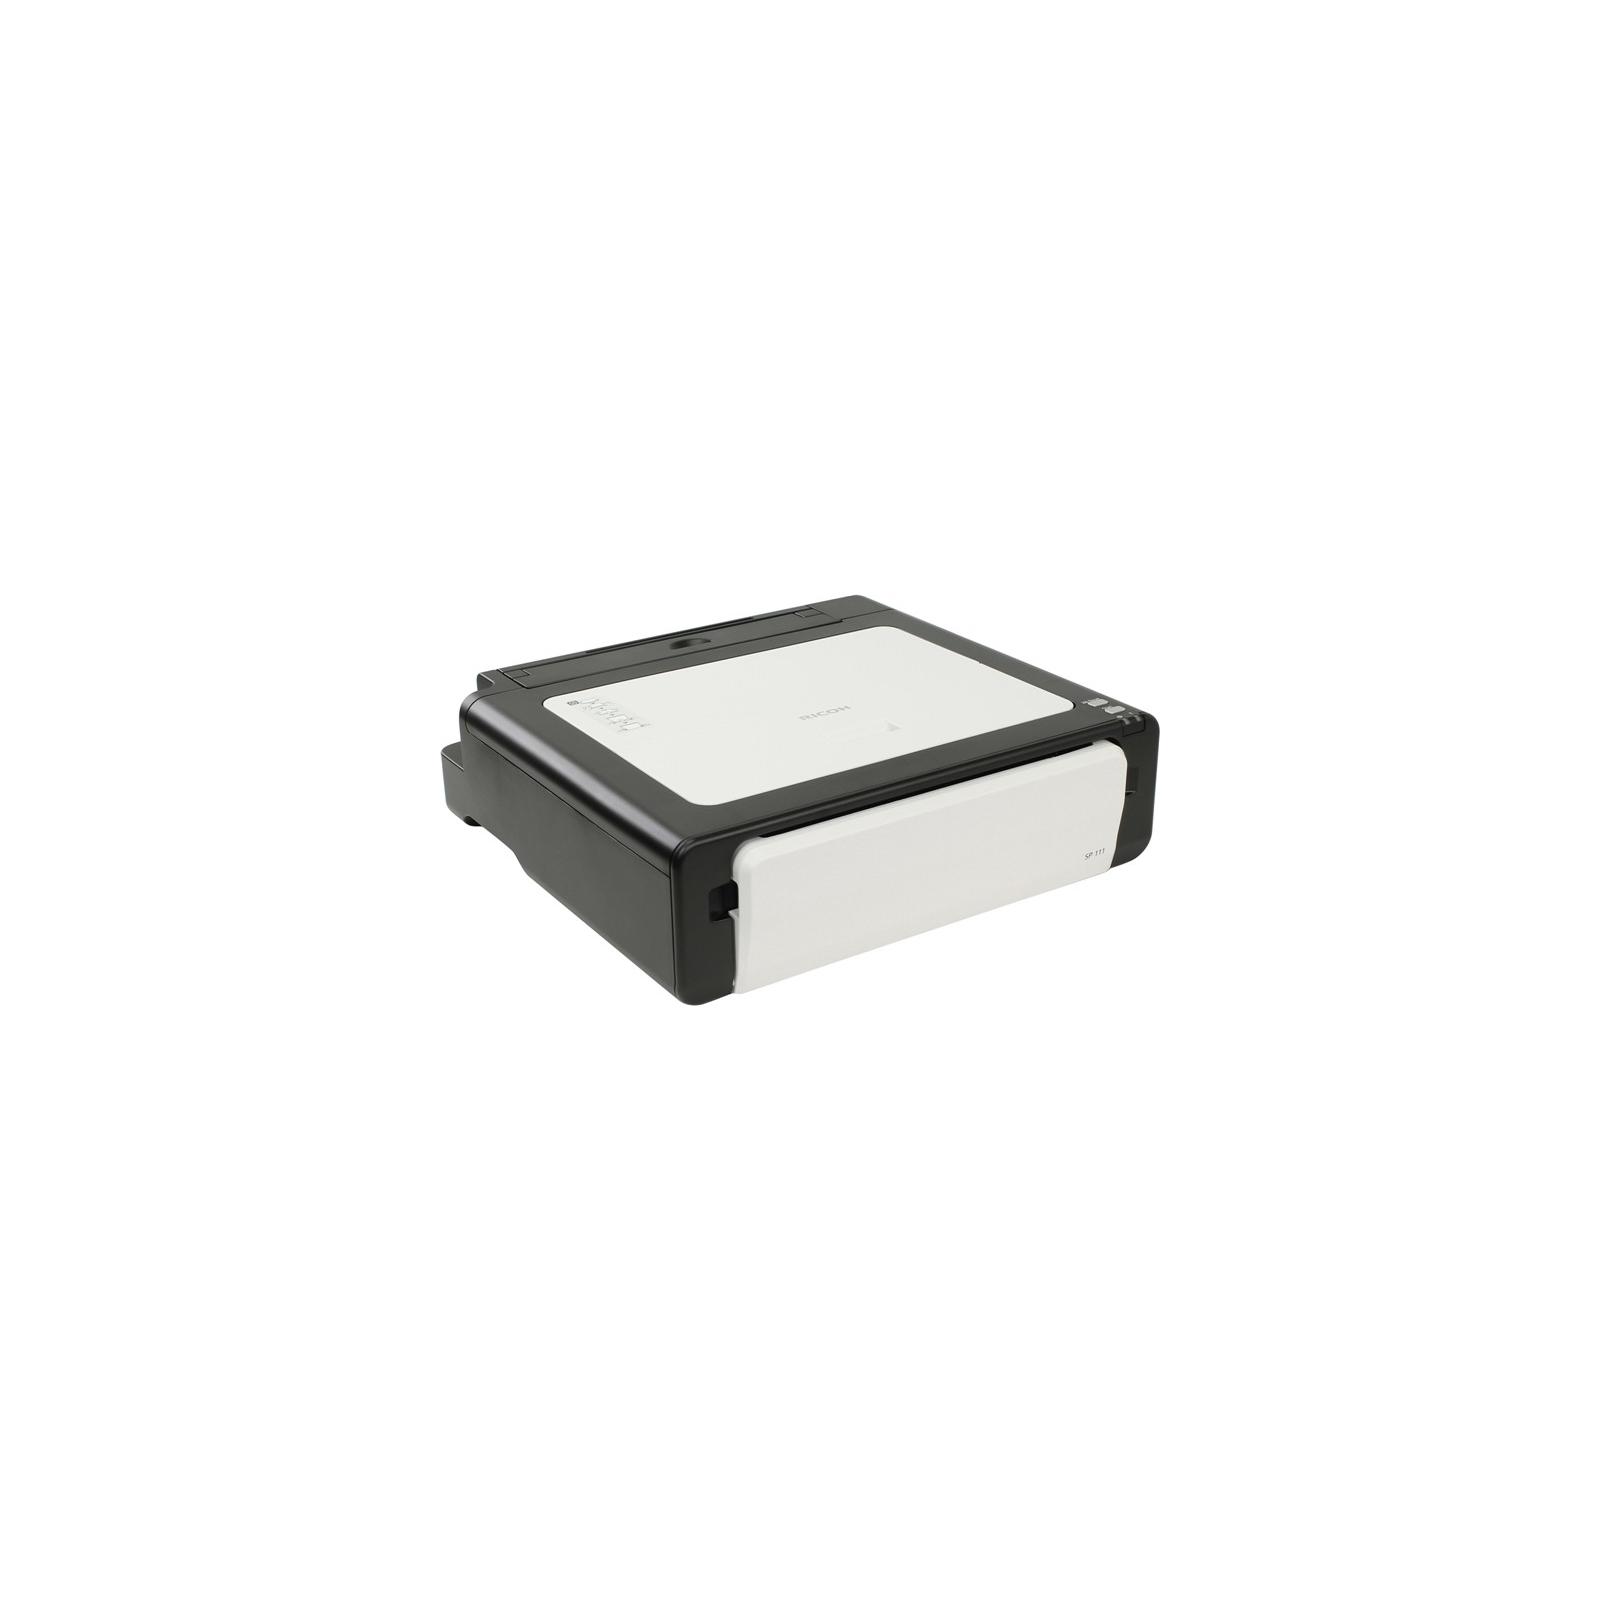 Лазерный принтер Ricoh SP111 (407415) изображение 2